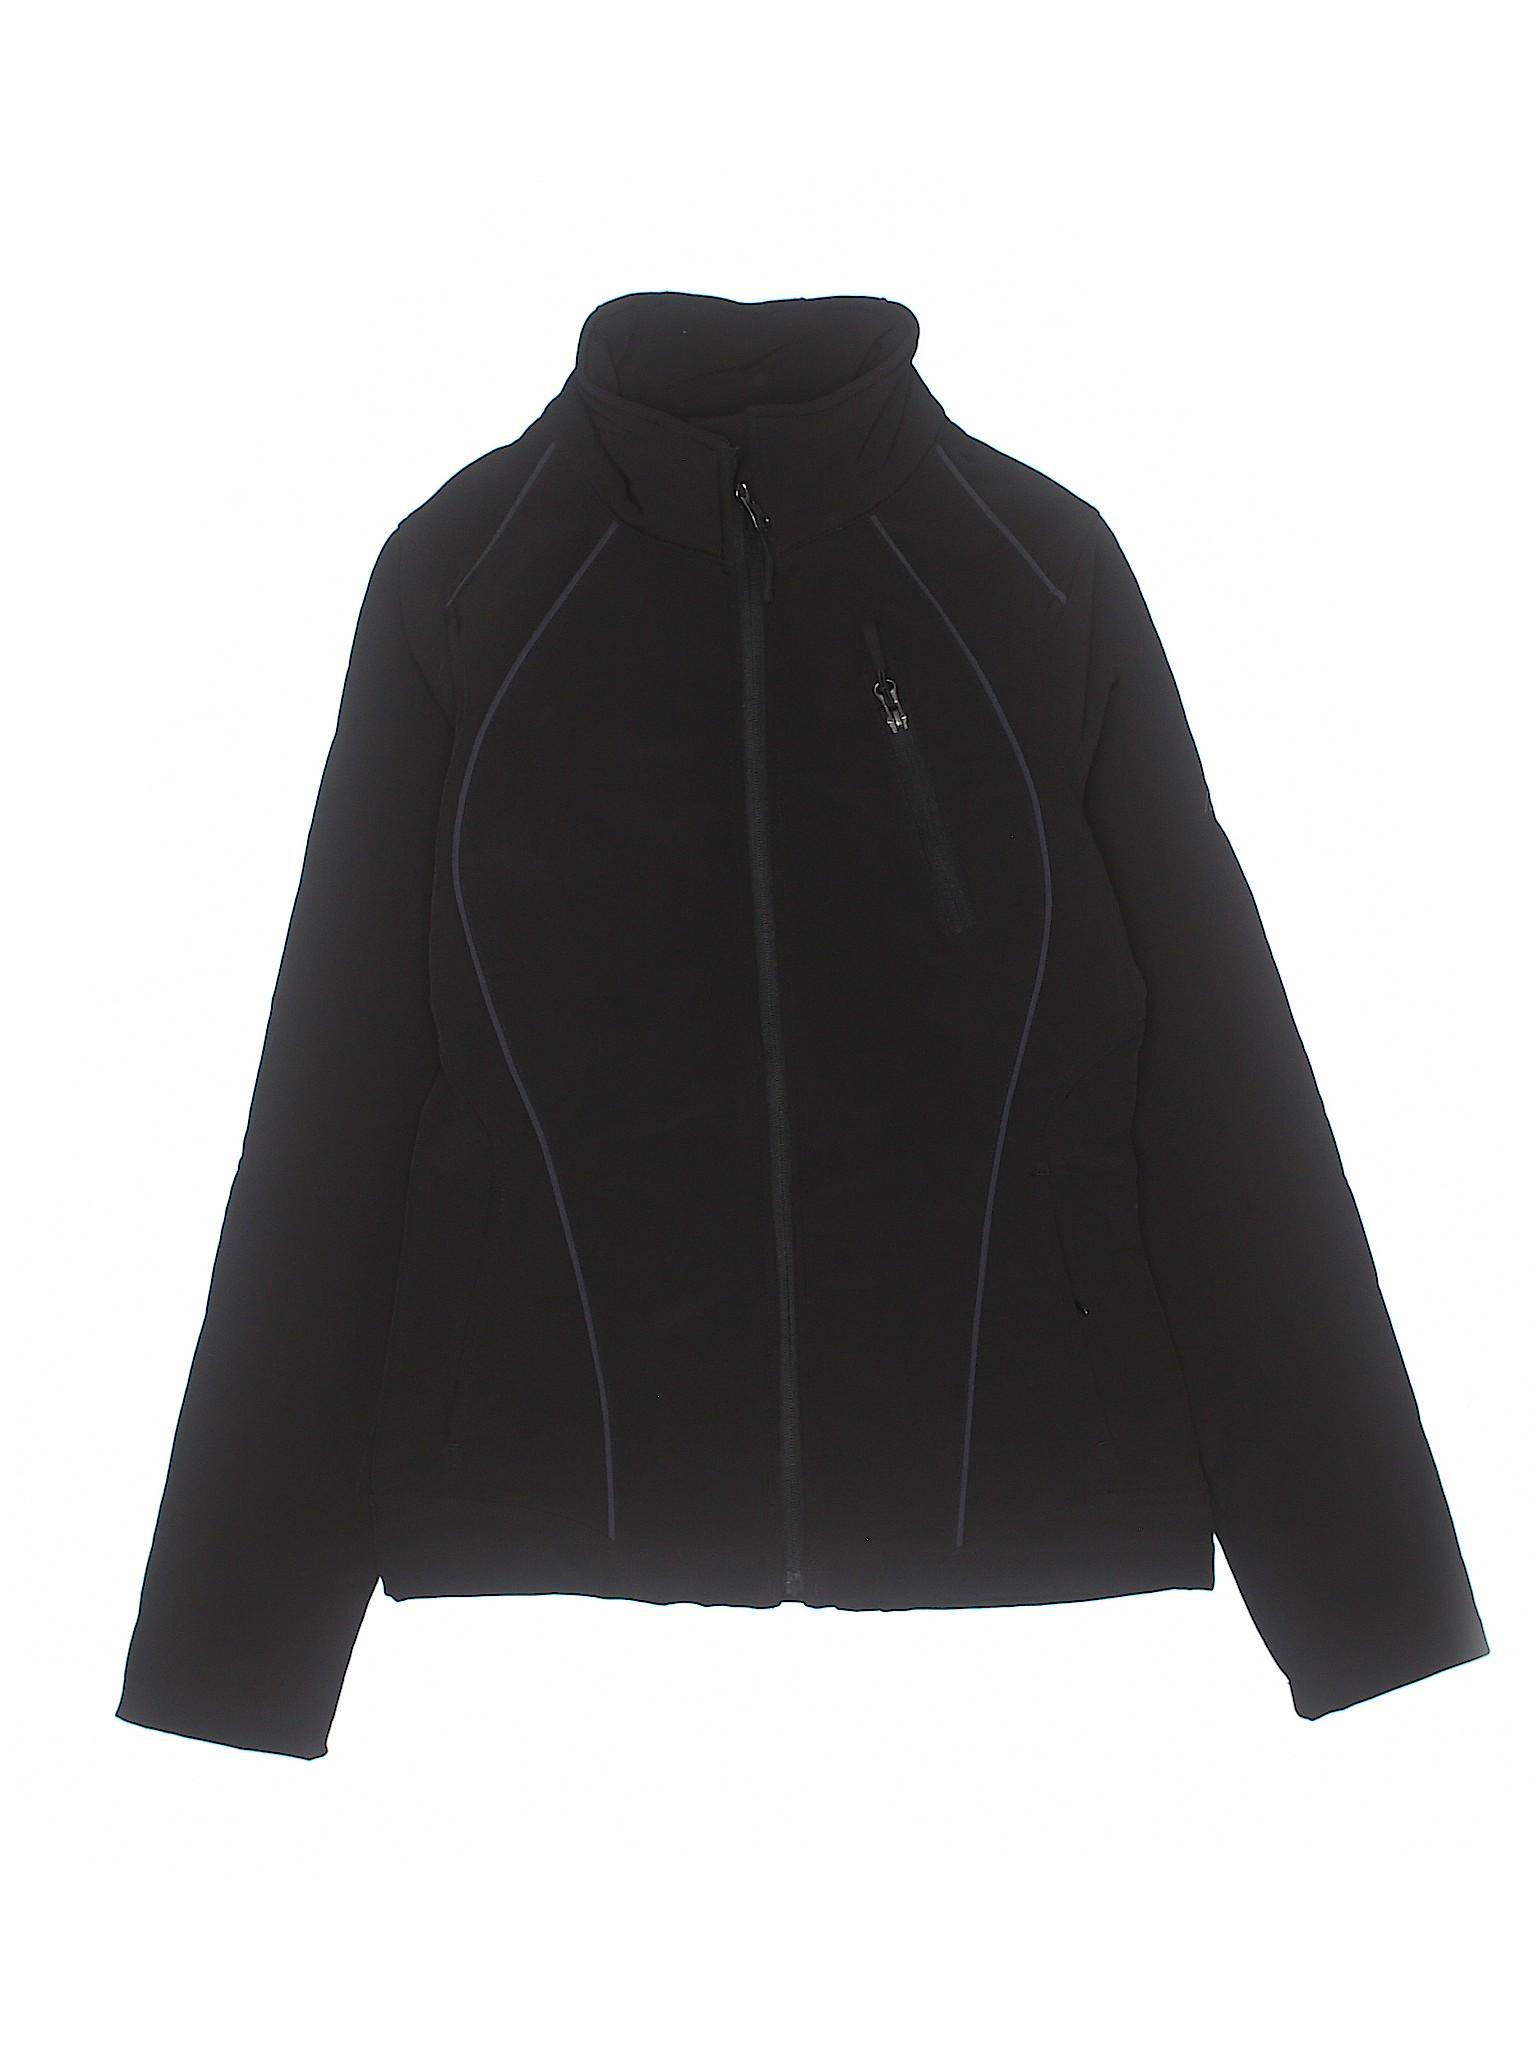 Boutique leisure Boutique Jacket SNOZU leisure pqSgdSw